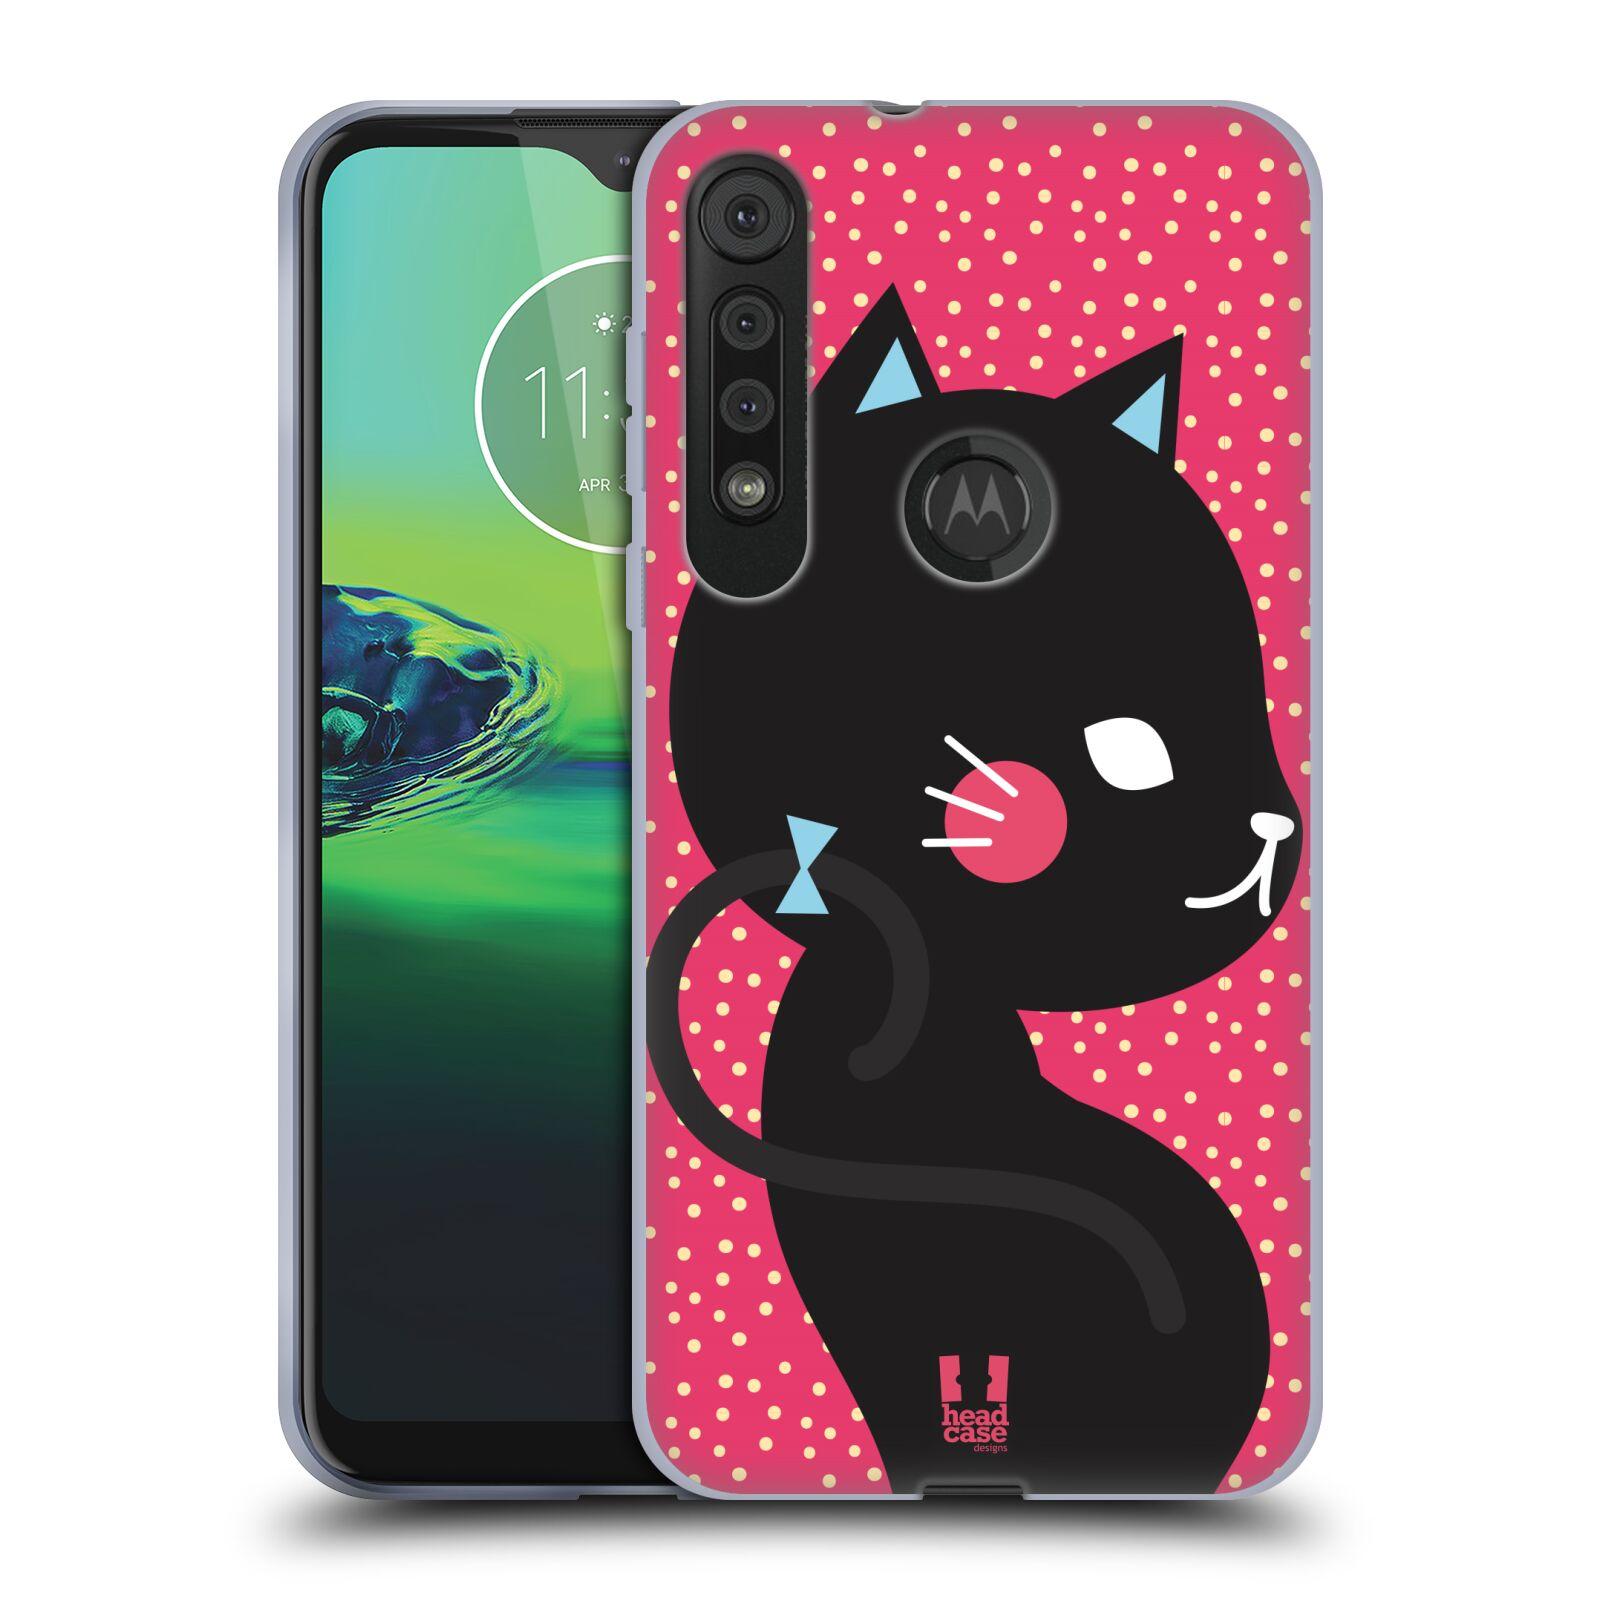 Silikonové pouzdro na mobil Motorola One Macro - Head Case - KOČIČKA Černá NA RŮŽOVÉ